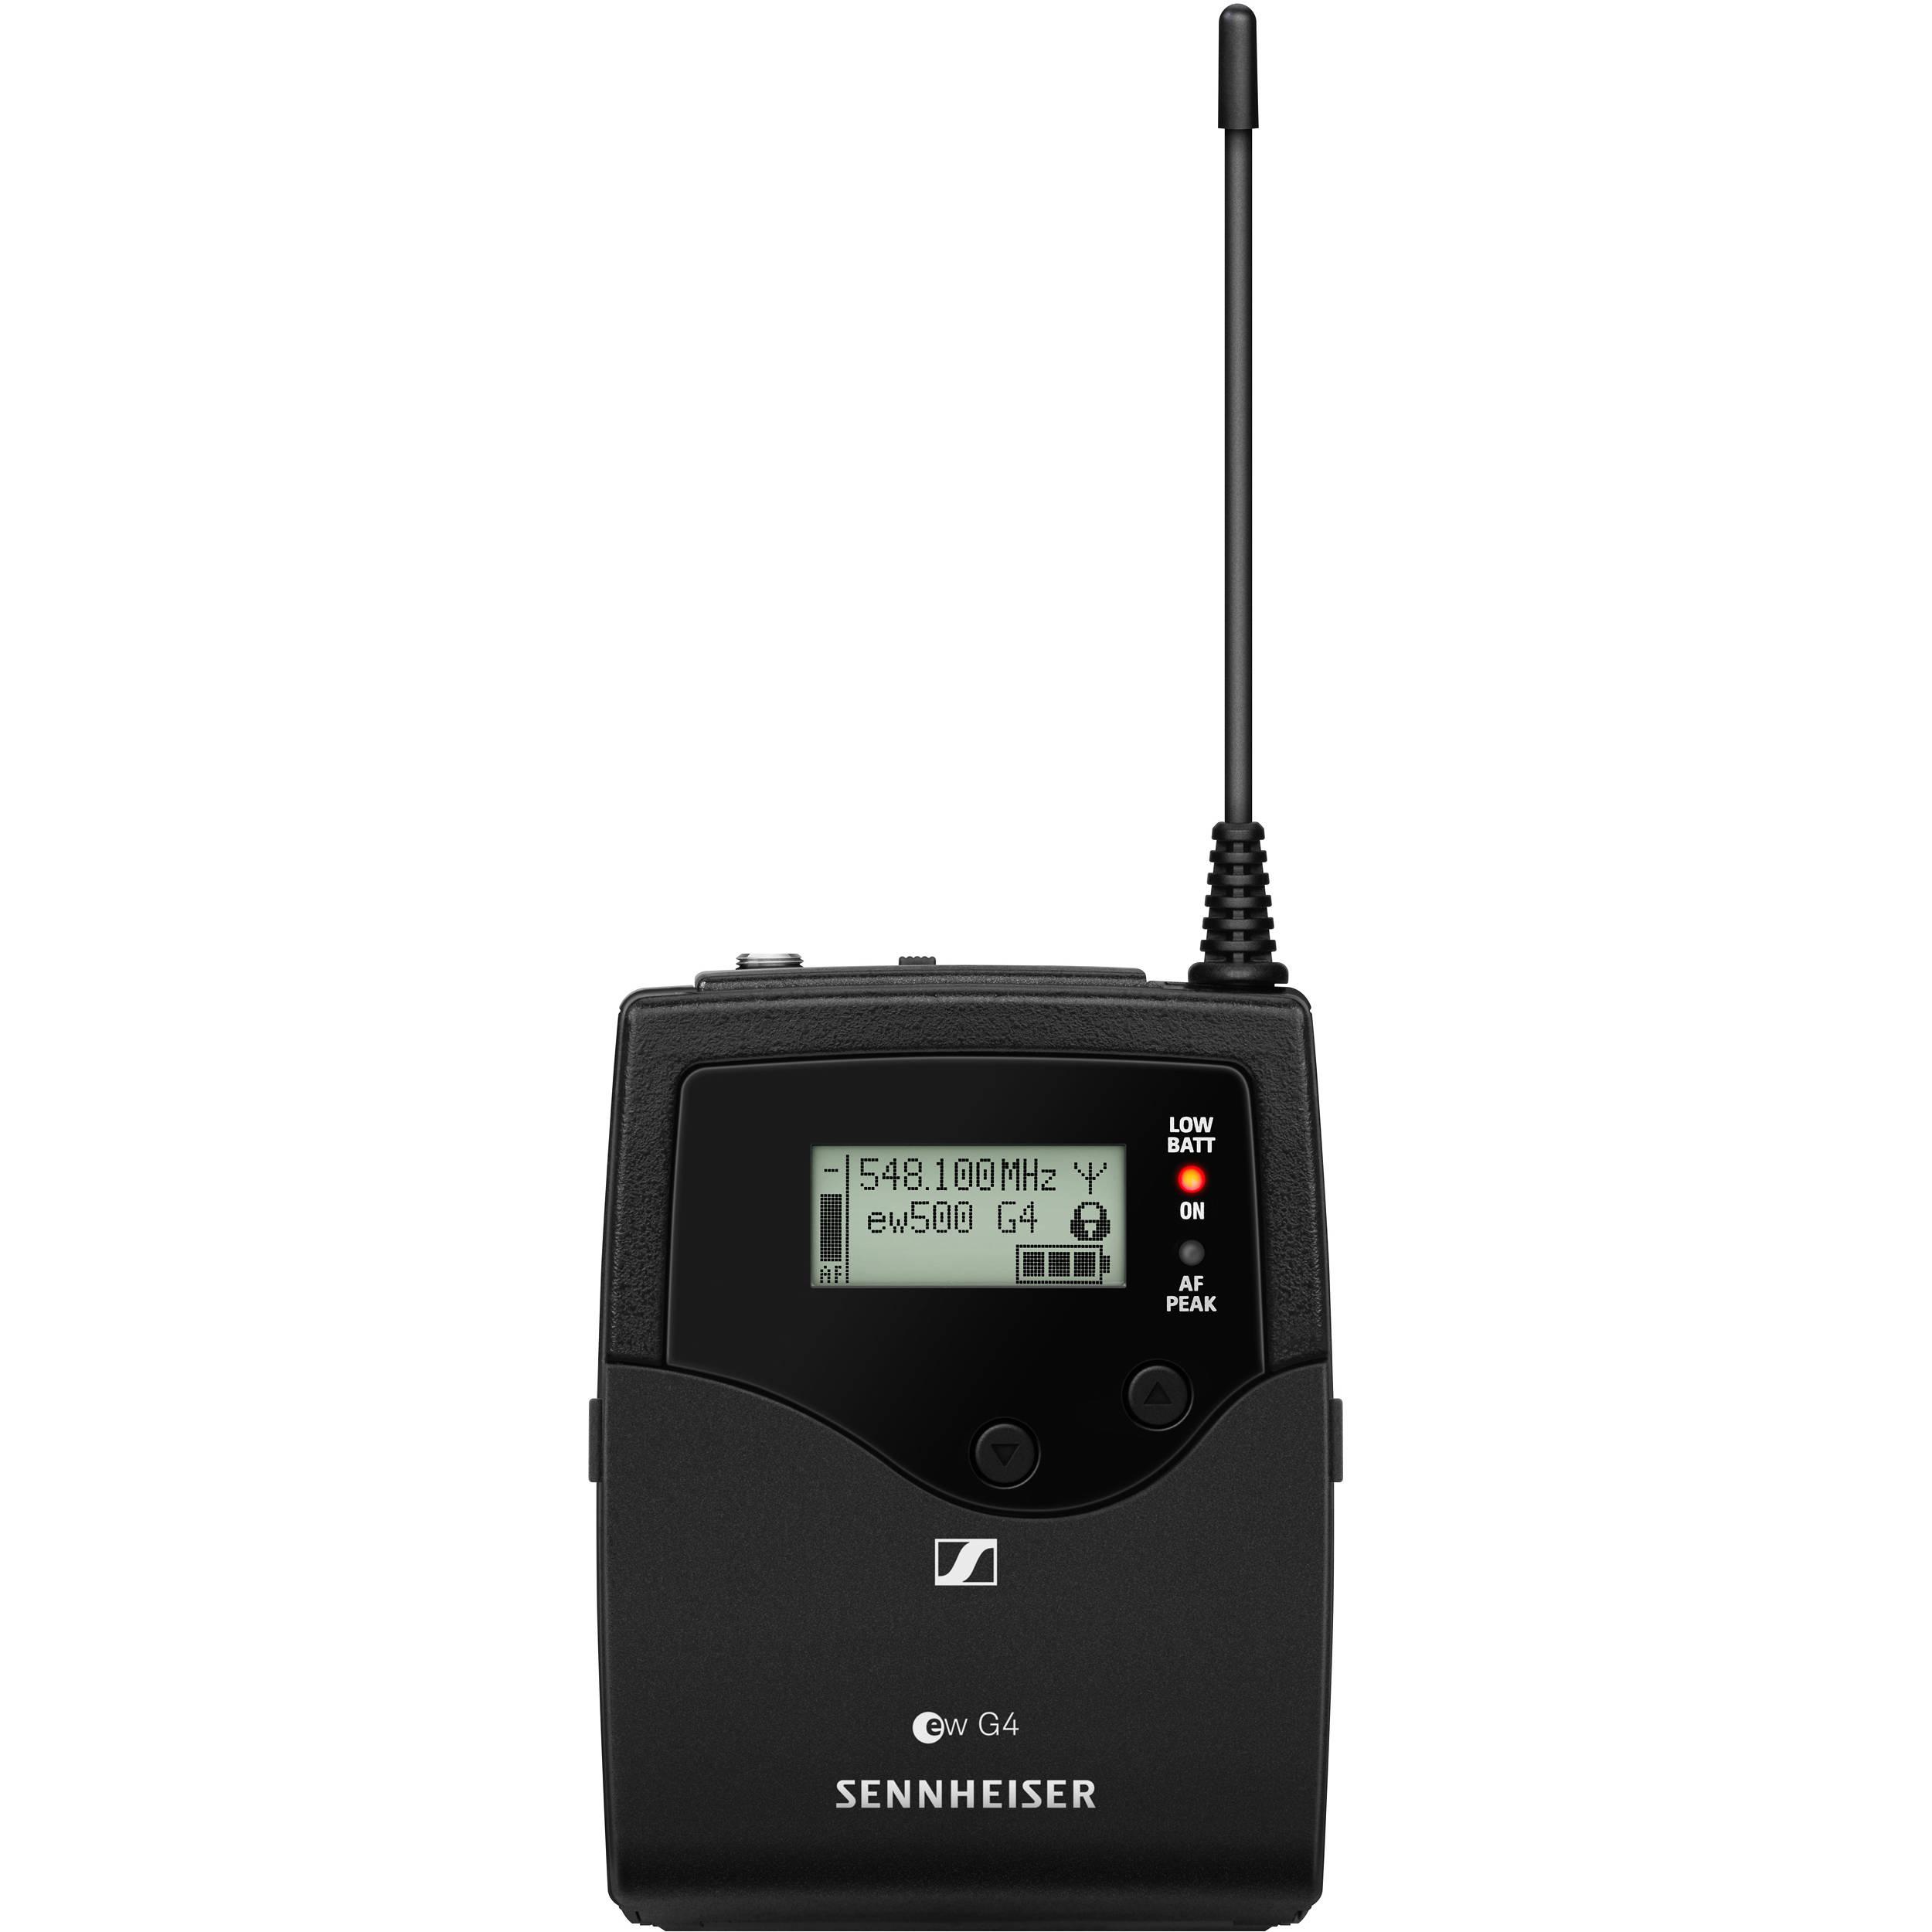 Sennheiser Sk 500 G4 Wireless Bodypack Transmitter Gw1 15 Volt Tracking 558 To 608 Mhz